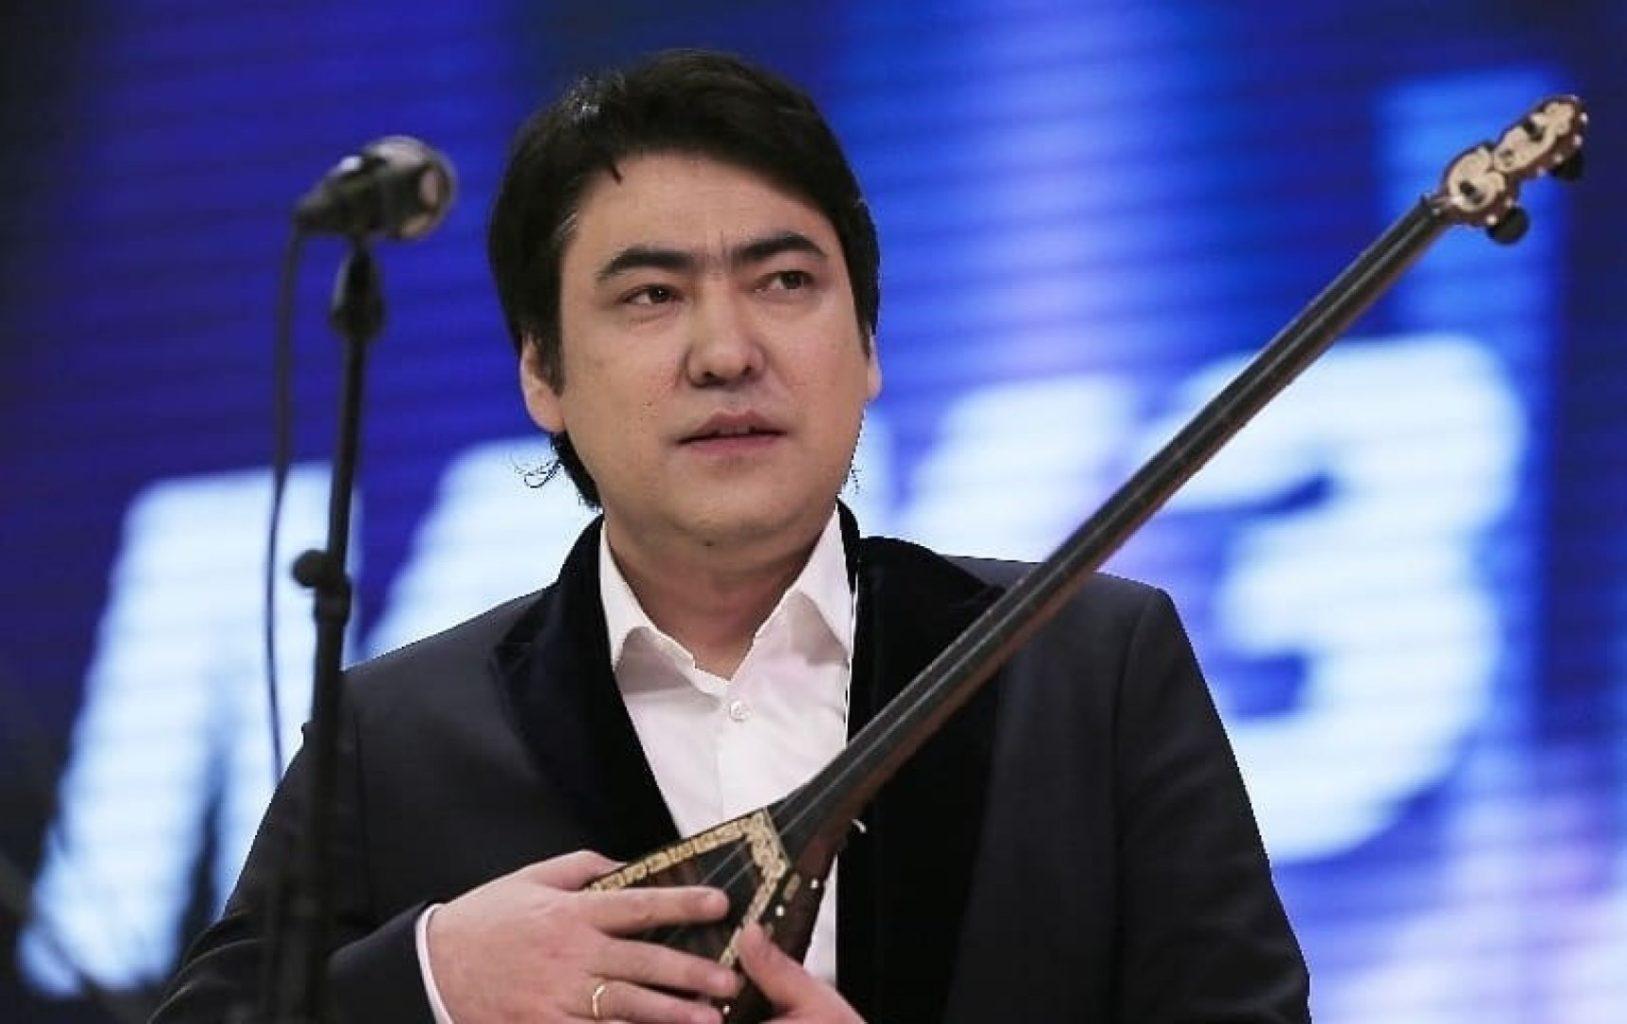 Участник «Муз-Арта» стал советником акима Алматы